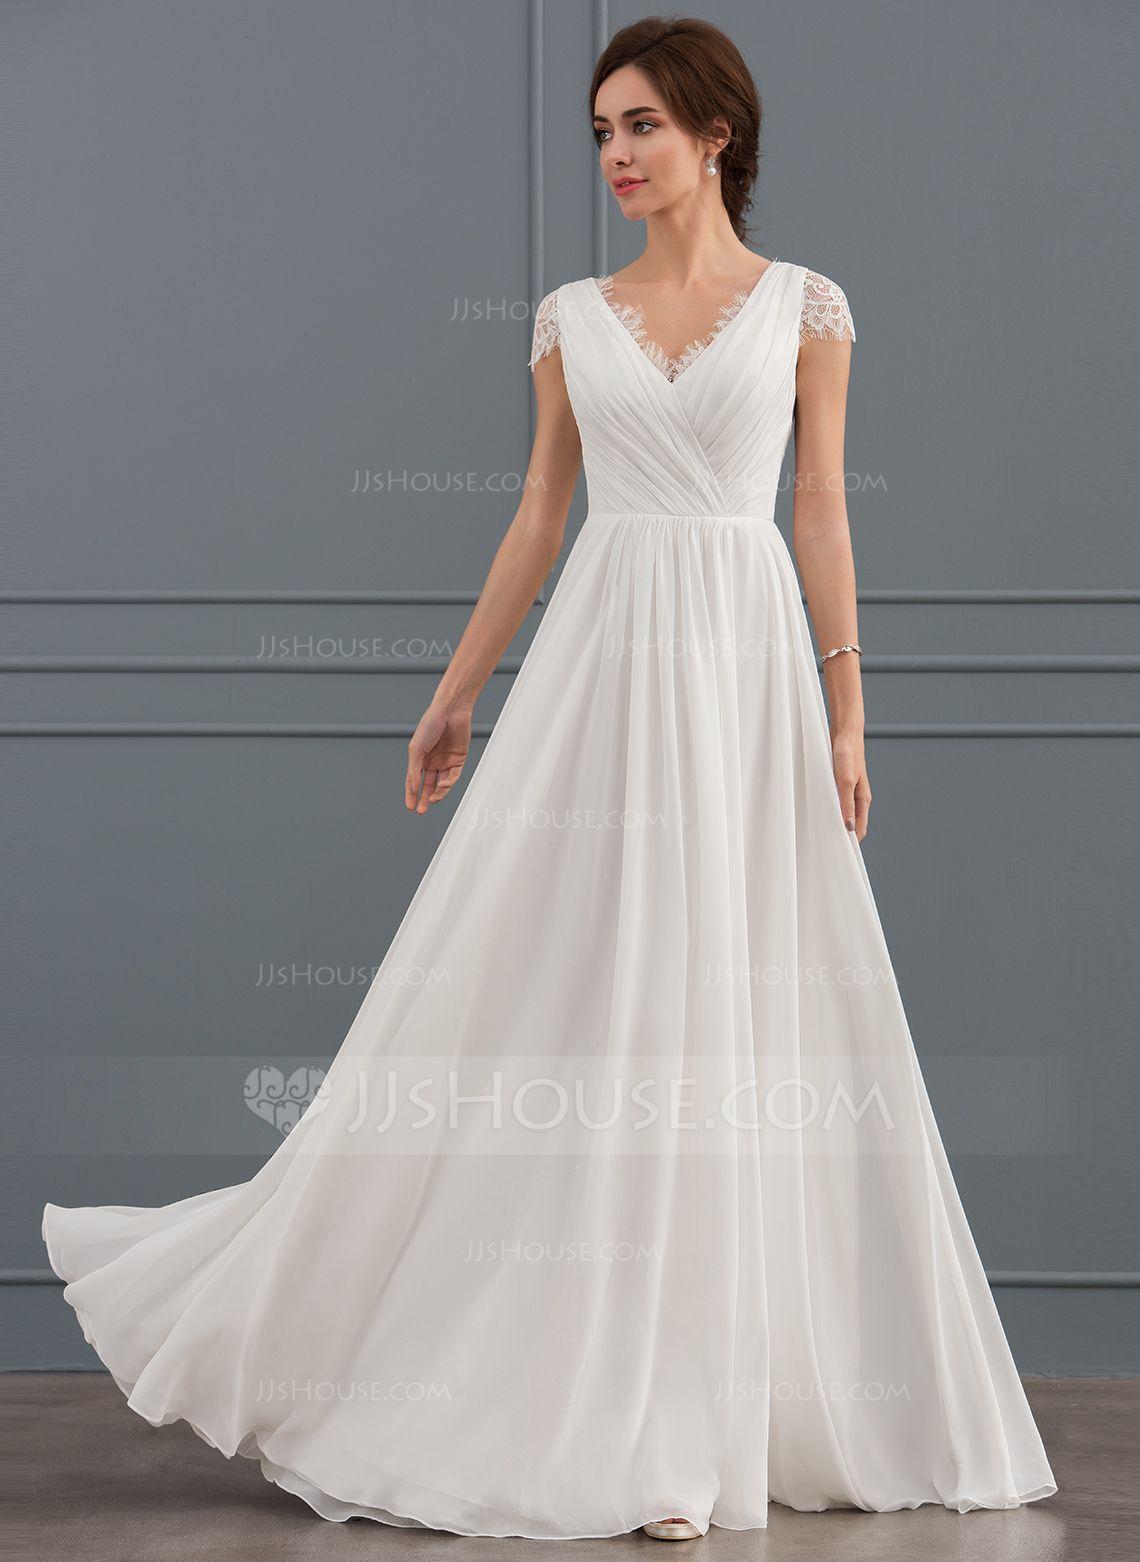 Jjshouse As The Global Leading Online Retailer Provides A Large Variety Of Wedding Dr Abiti Da Sposa Di Pizzo Abiti Da Sposa Con Volant Abiti Da Sposa Estate